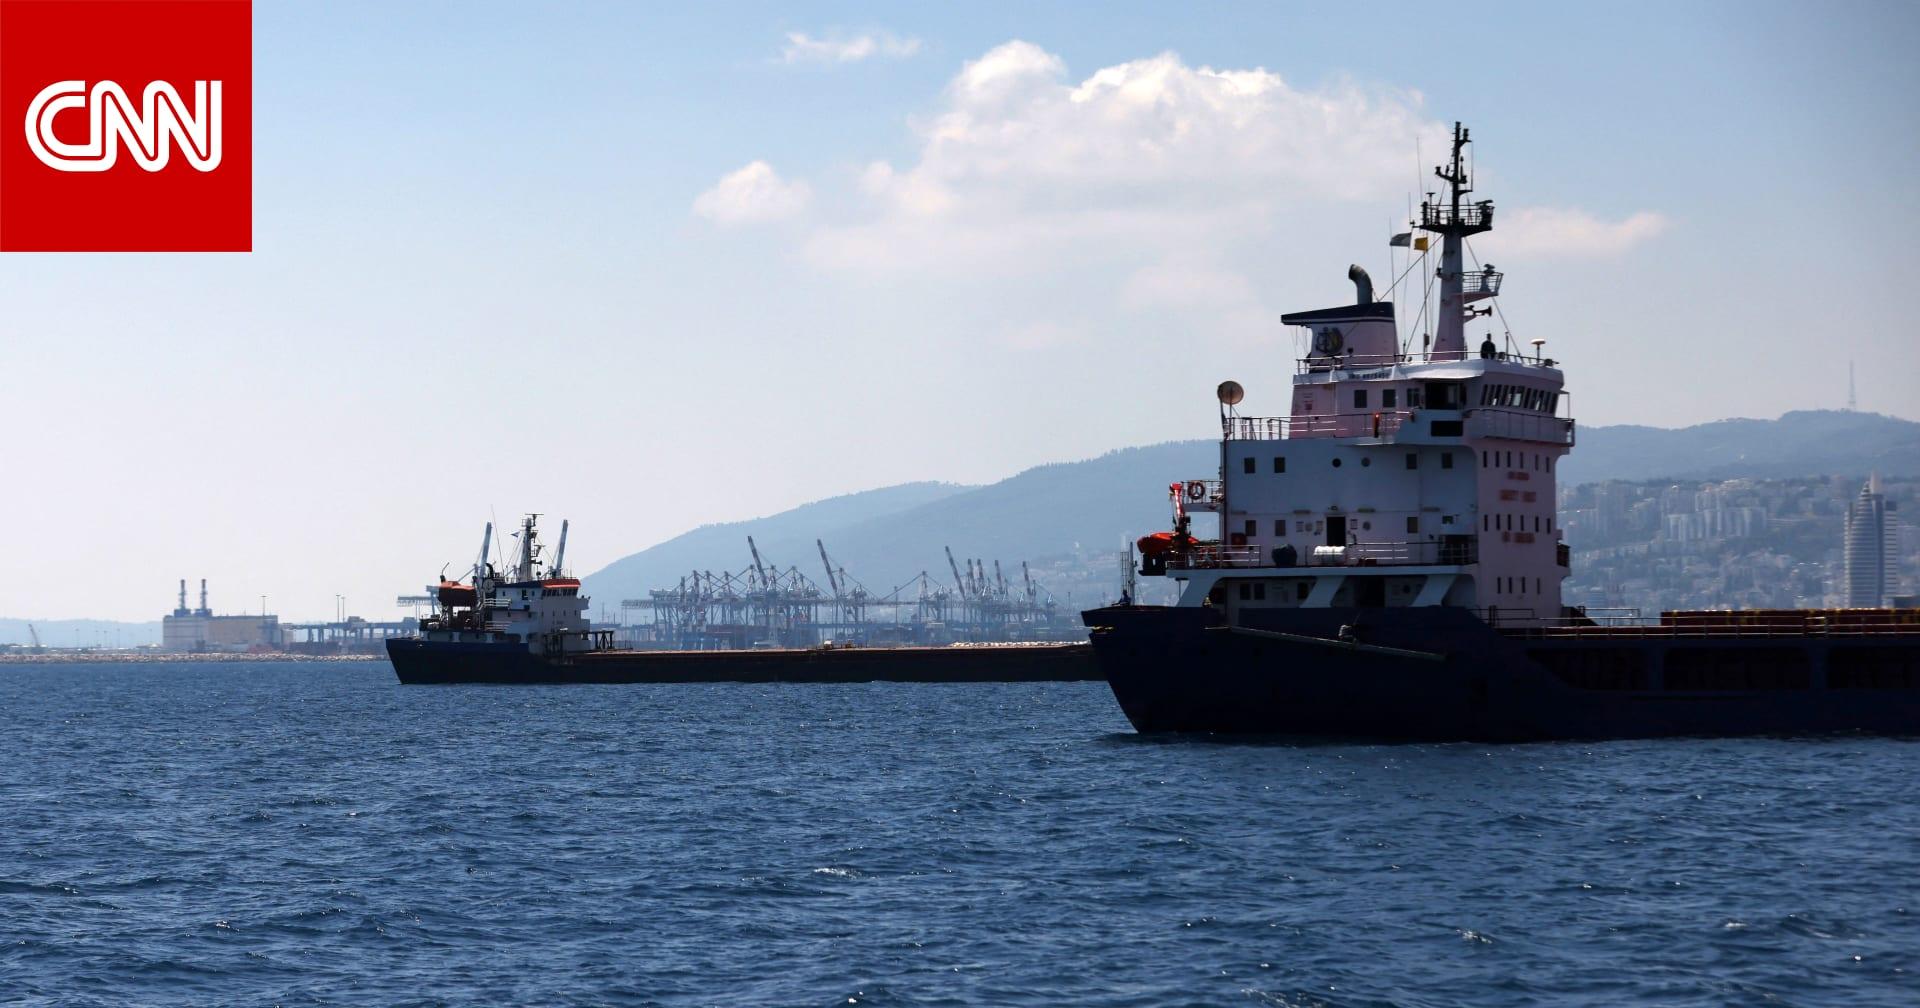 مقتل 2 من أفراد طاقم سفينة إسرائيلية في هجوم عليها قبالة سواحل عُمان